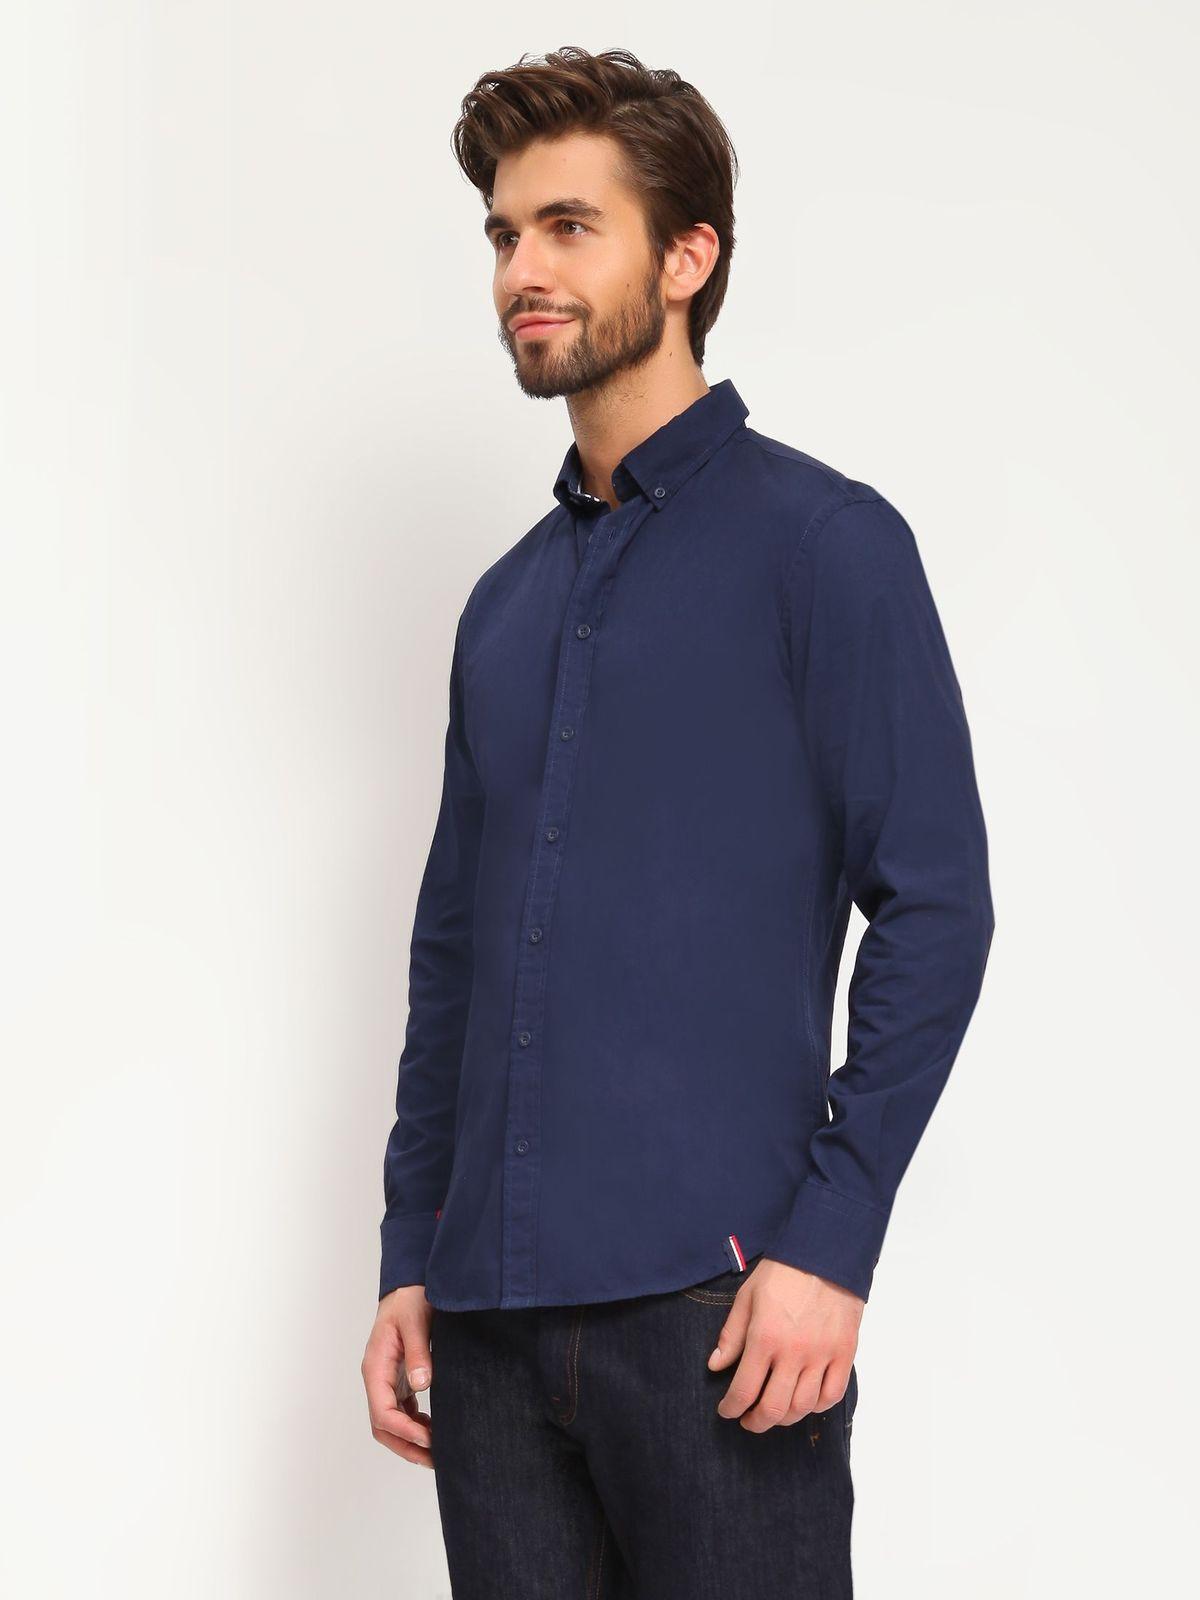 DRYWASH ανδρικο πουκαμισο